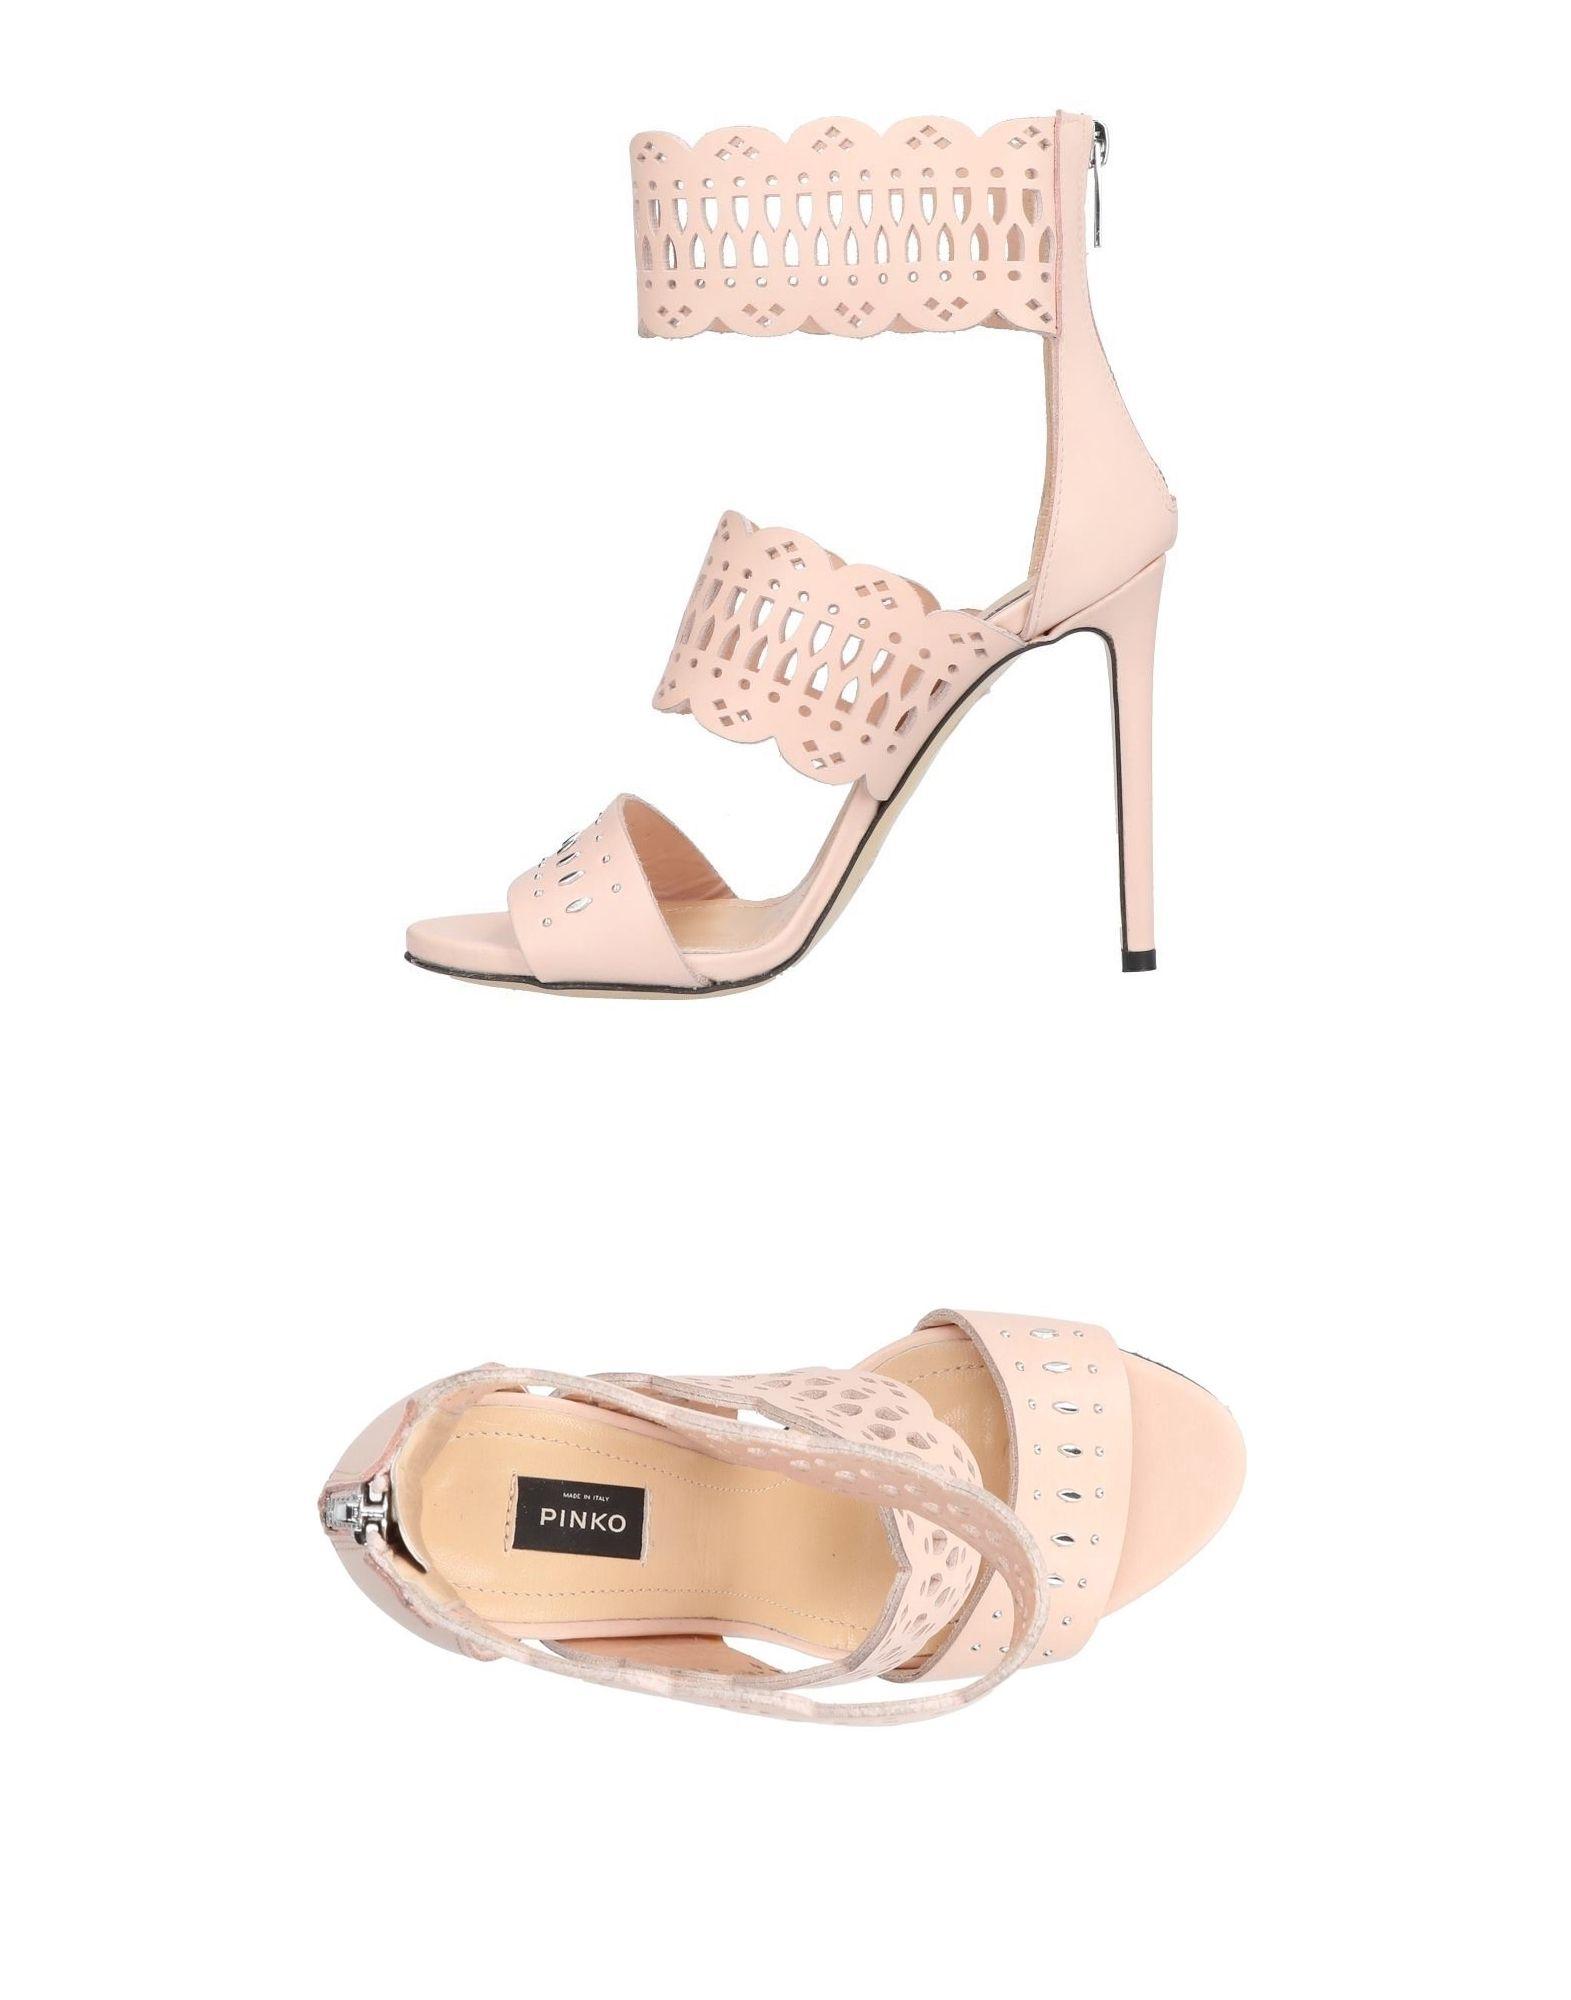 Los zapatos más populares para hombres y Pinko mujeres Sandalia Pinko y Mujer - Sandalias Pinko  Rosa claro f37da0